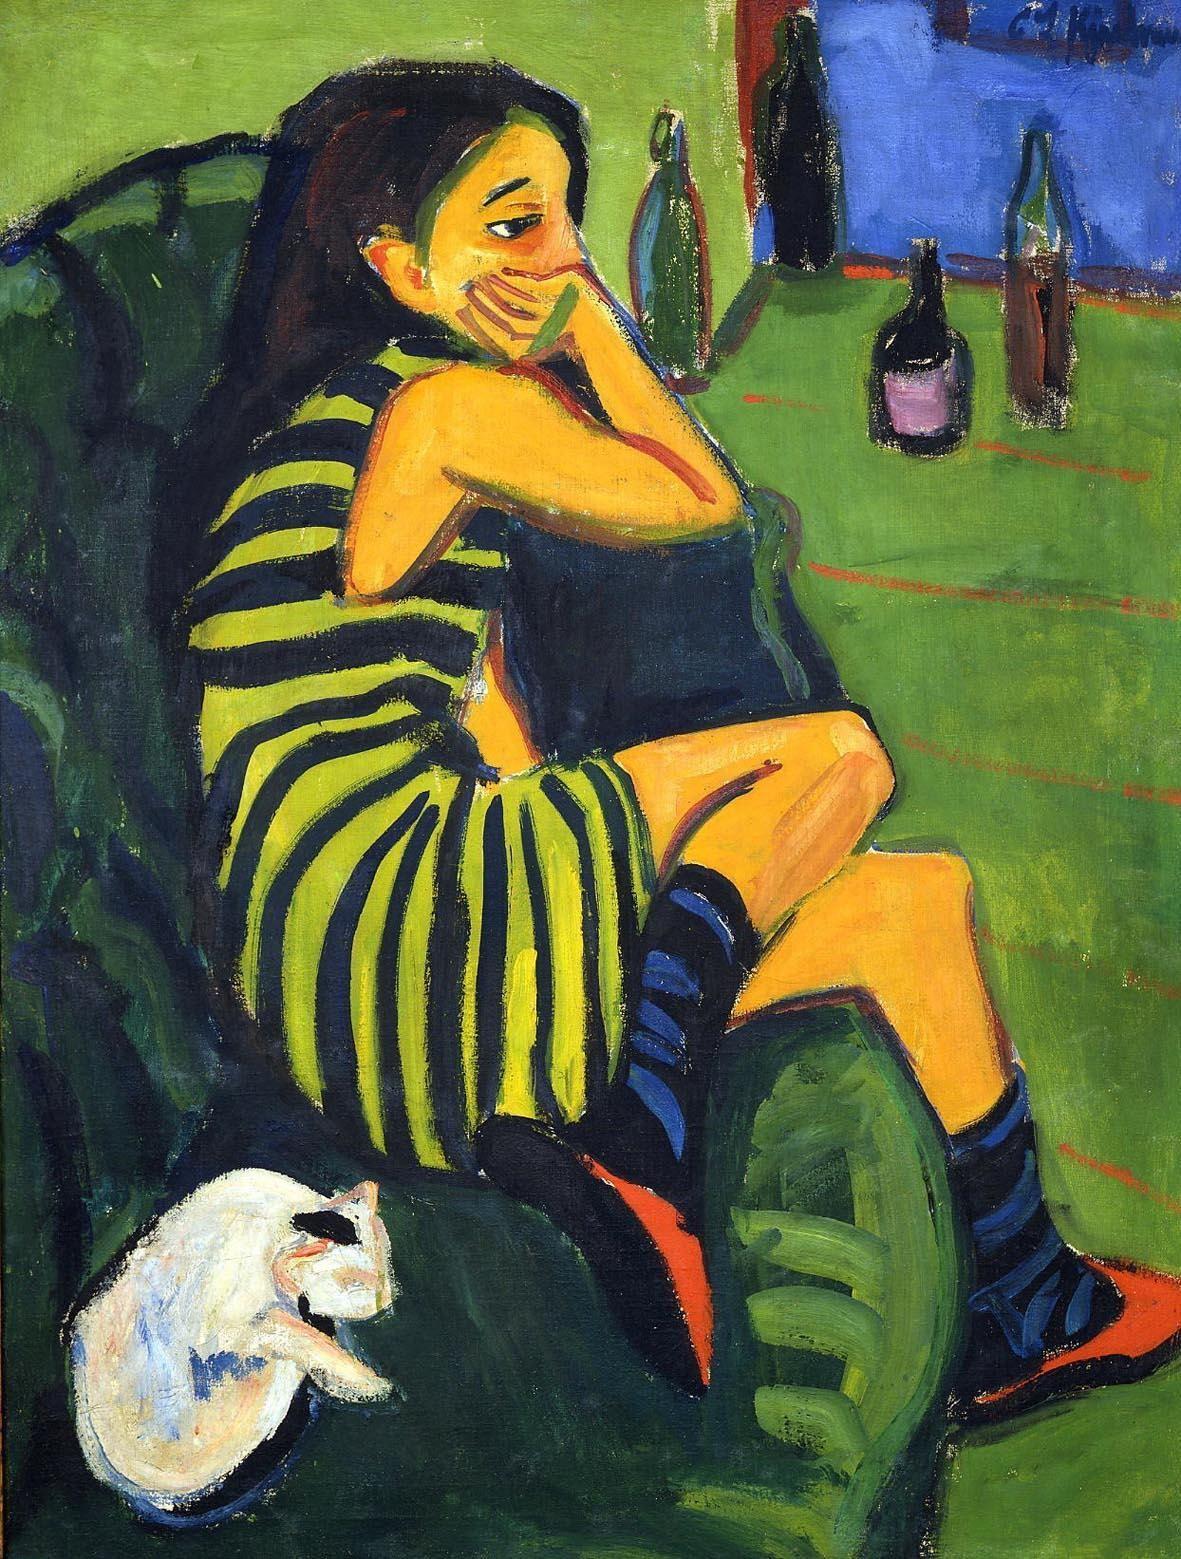 Ernst Ludwig Kirchner, Marcella, 1910